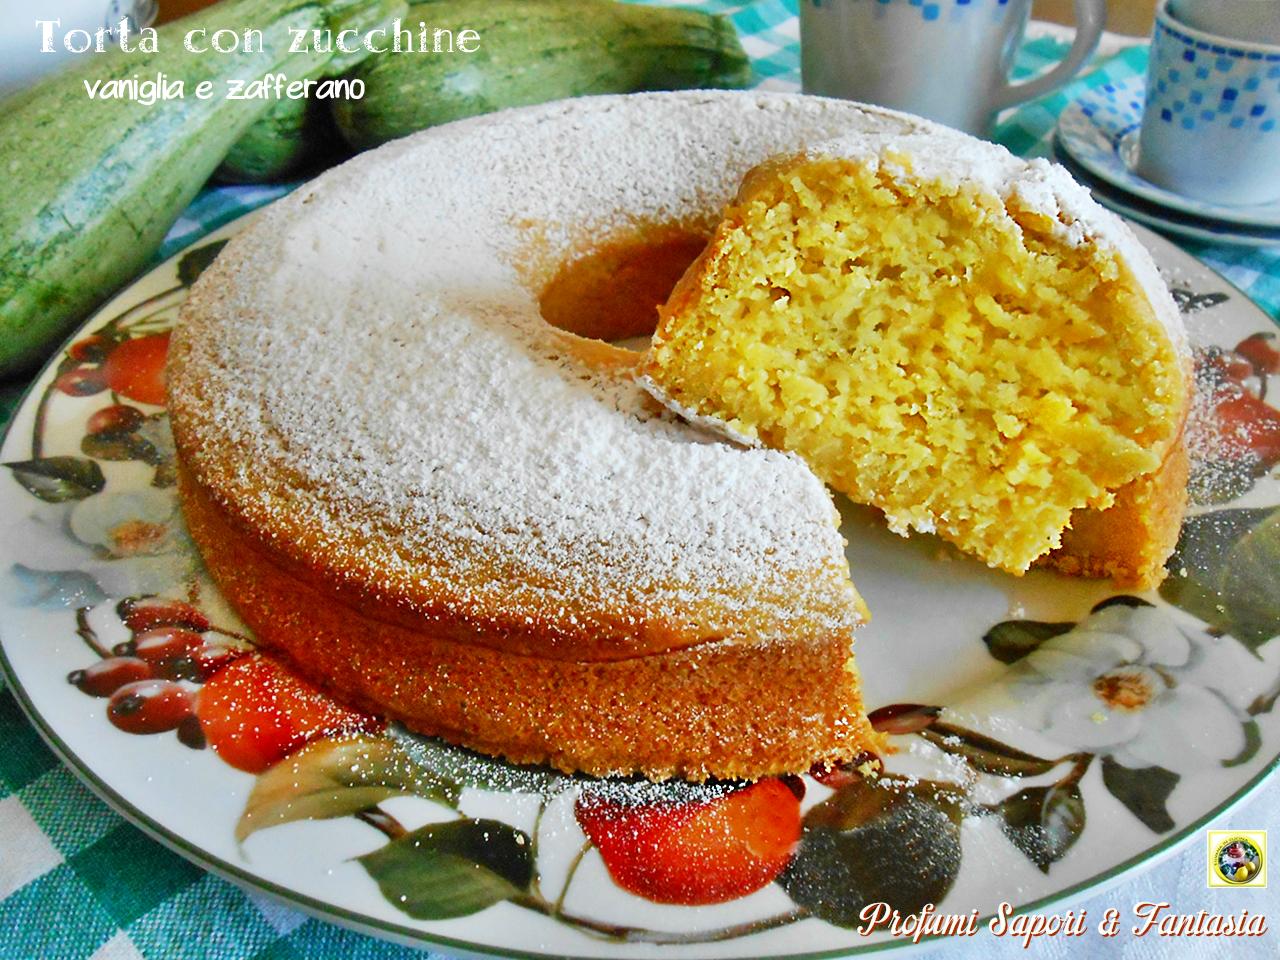 Torta con zucchine vaniglia e zafferano